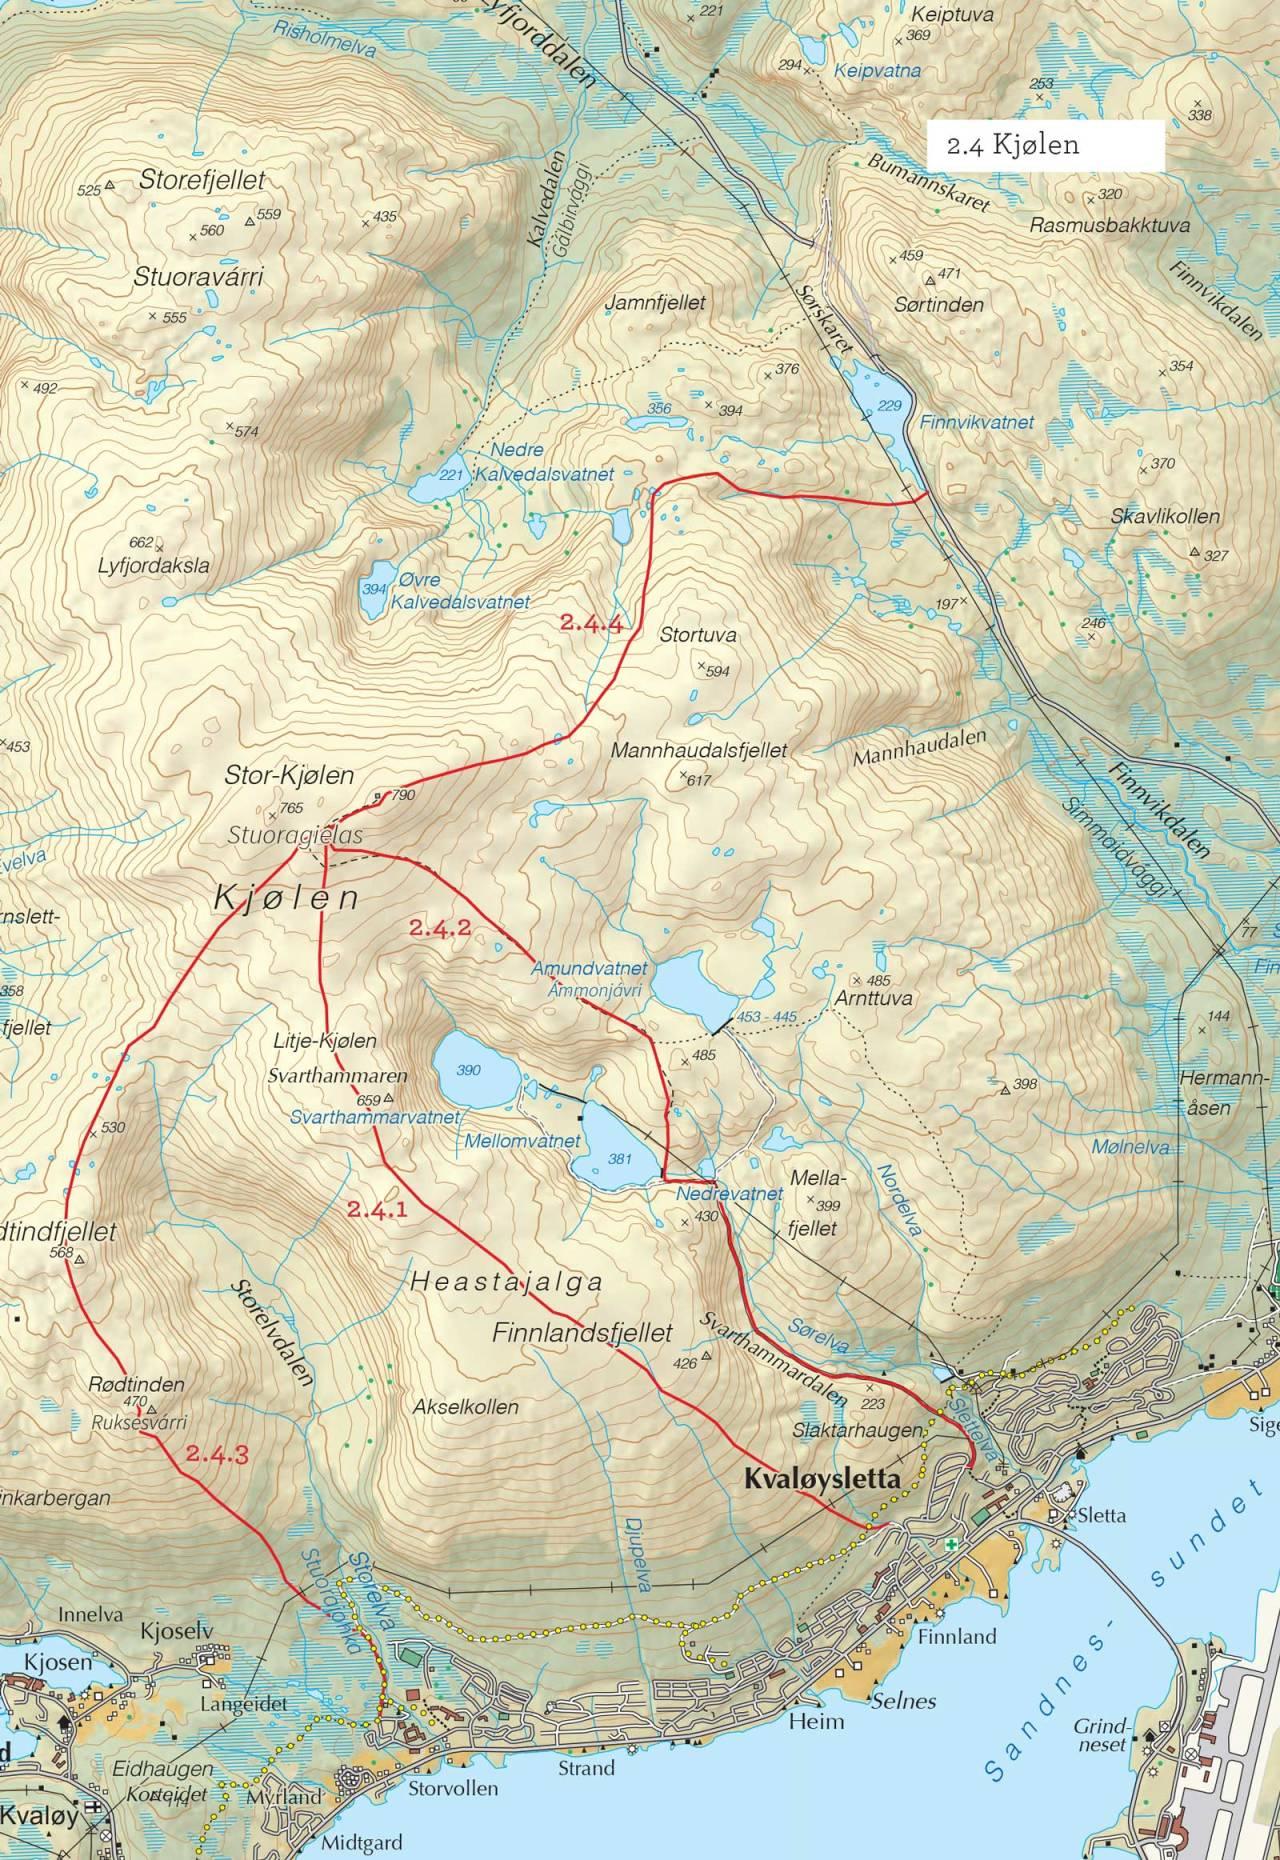 Oversiktskart over Kjølen med inntegnet rute. Fra Toppturer i Troms.